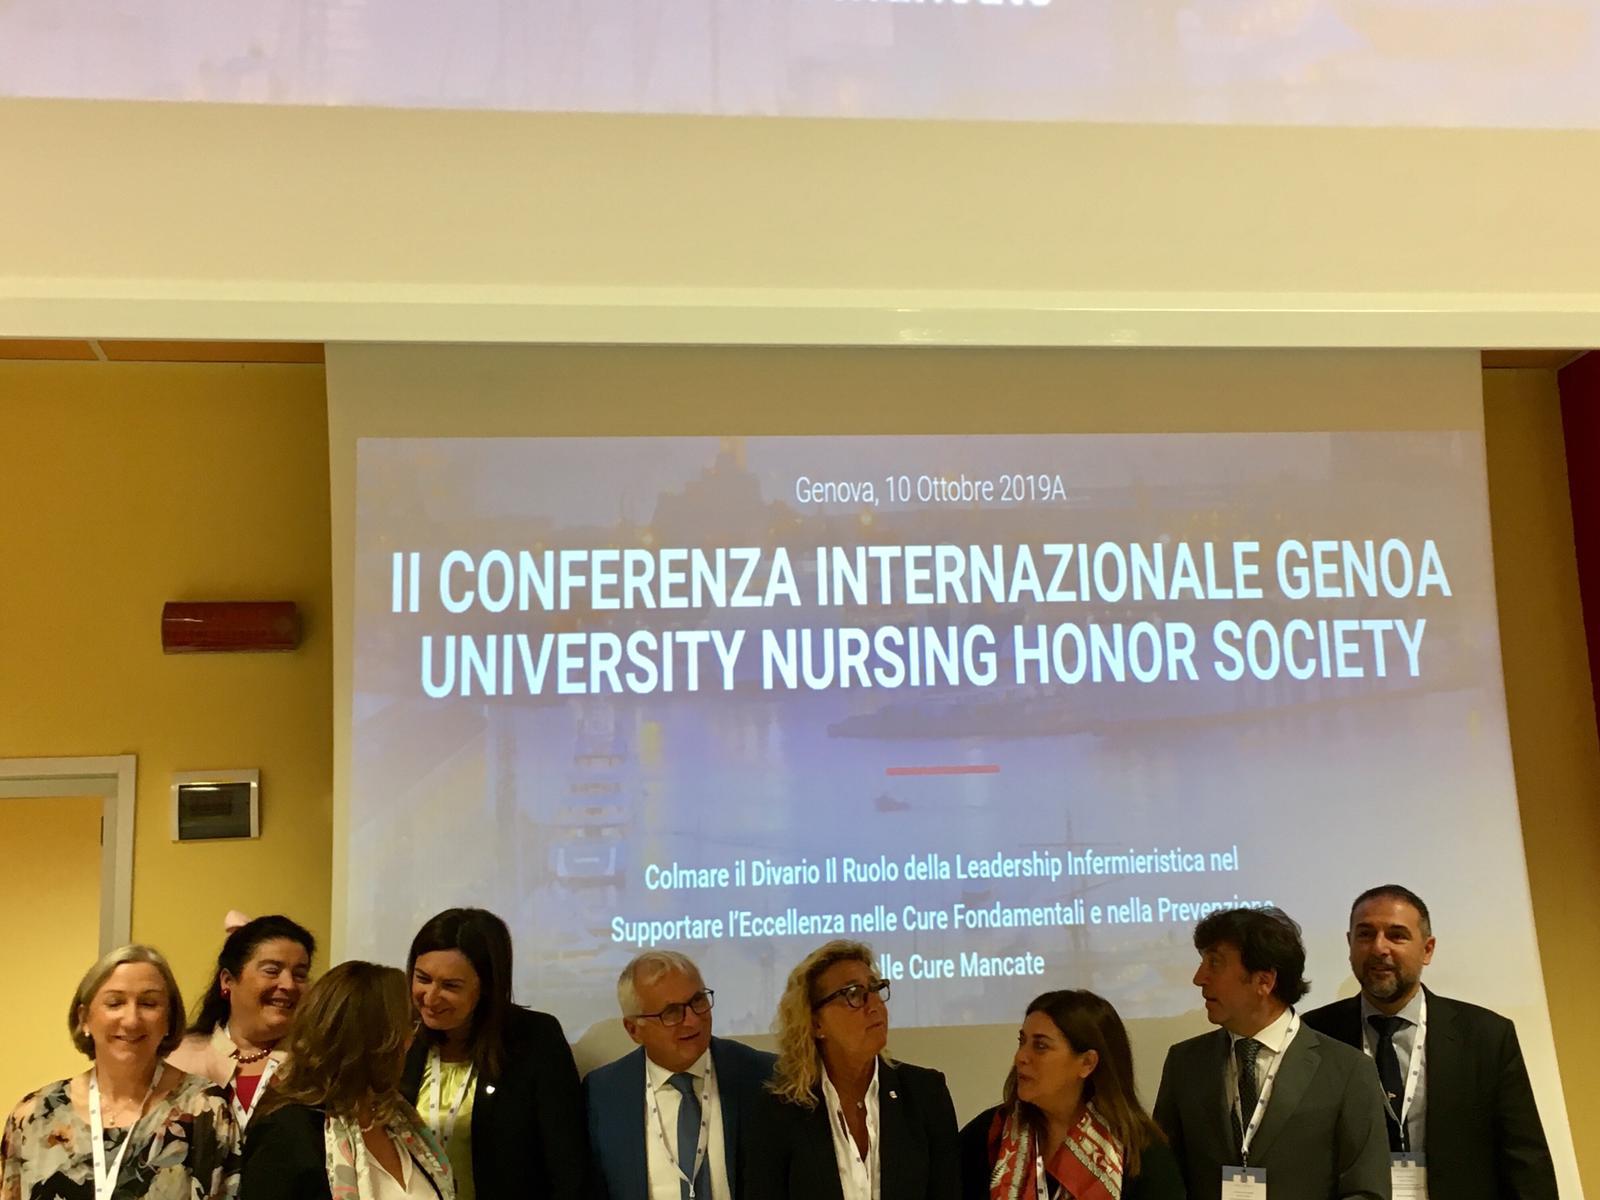 La leadership Infermieristica premiata a Genova durante il 2° GNHS.